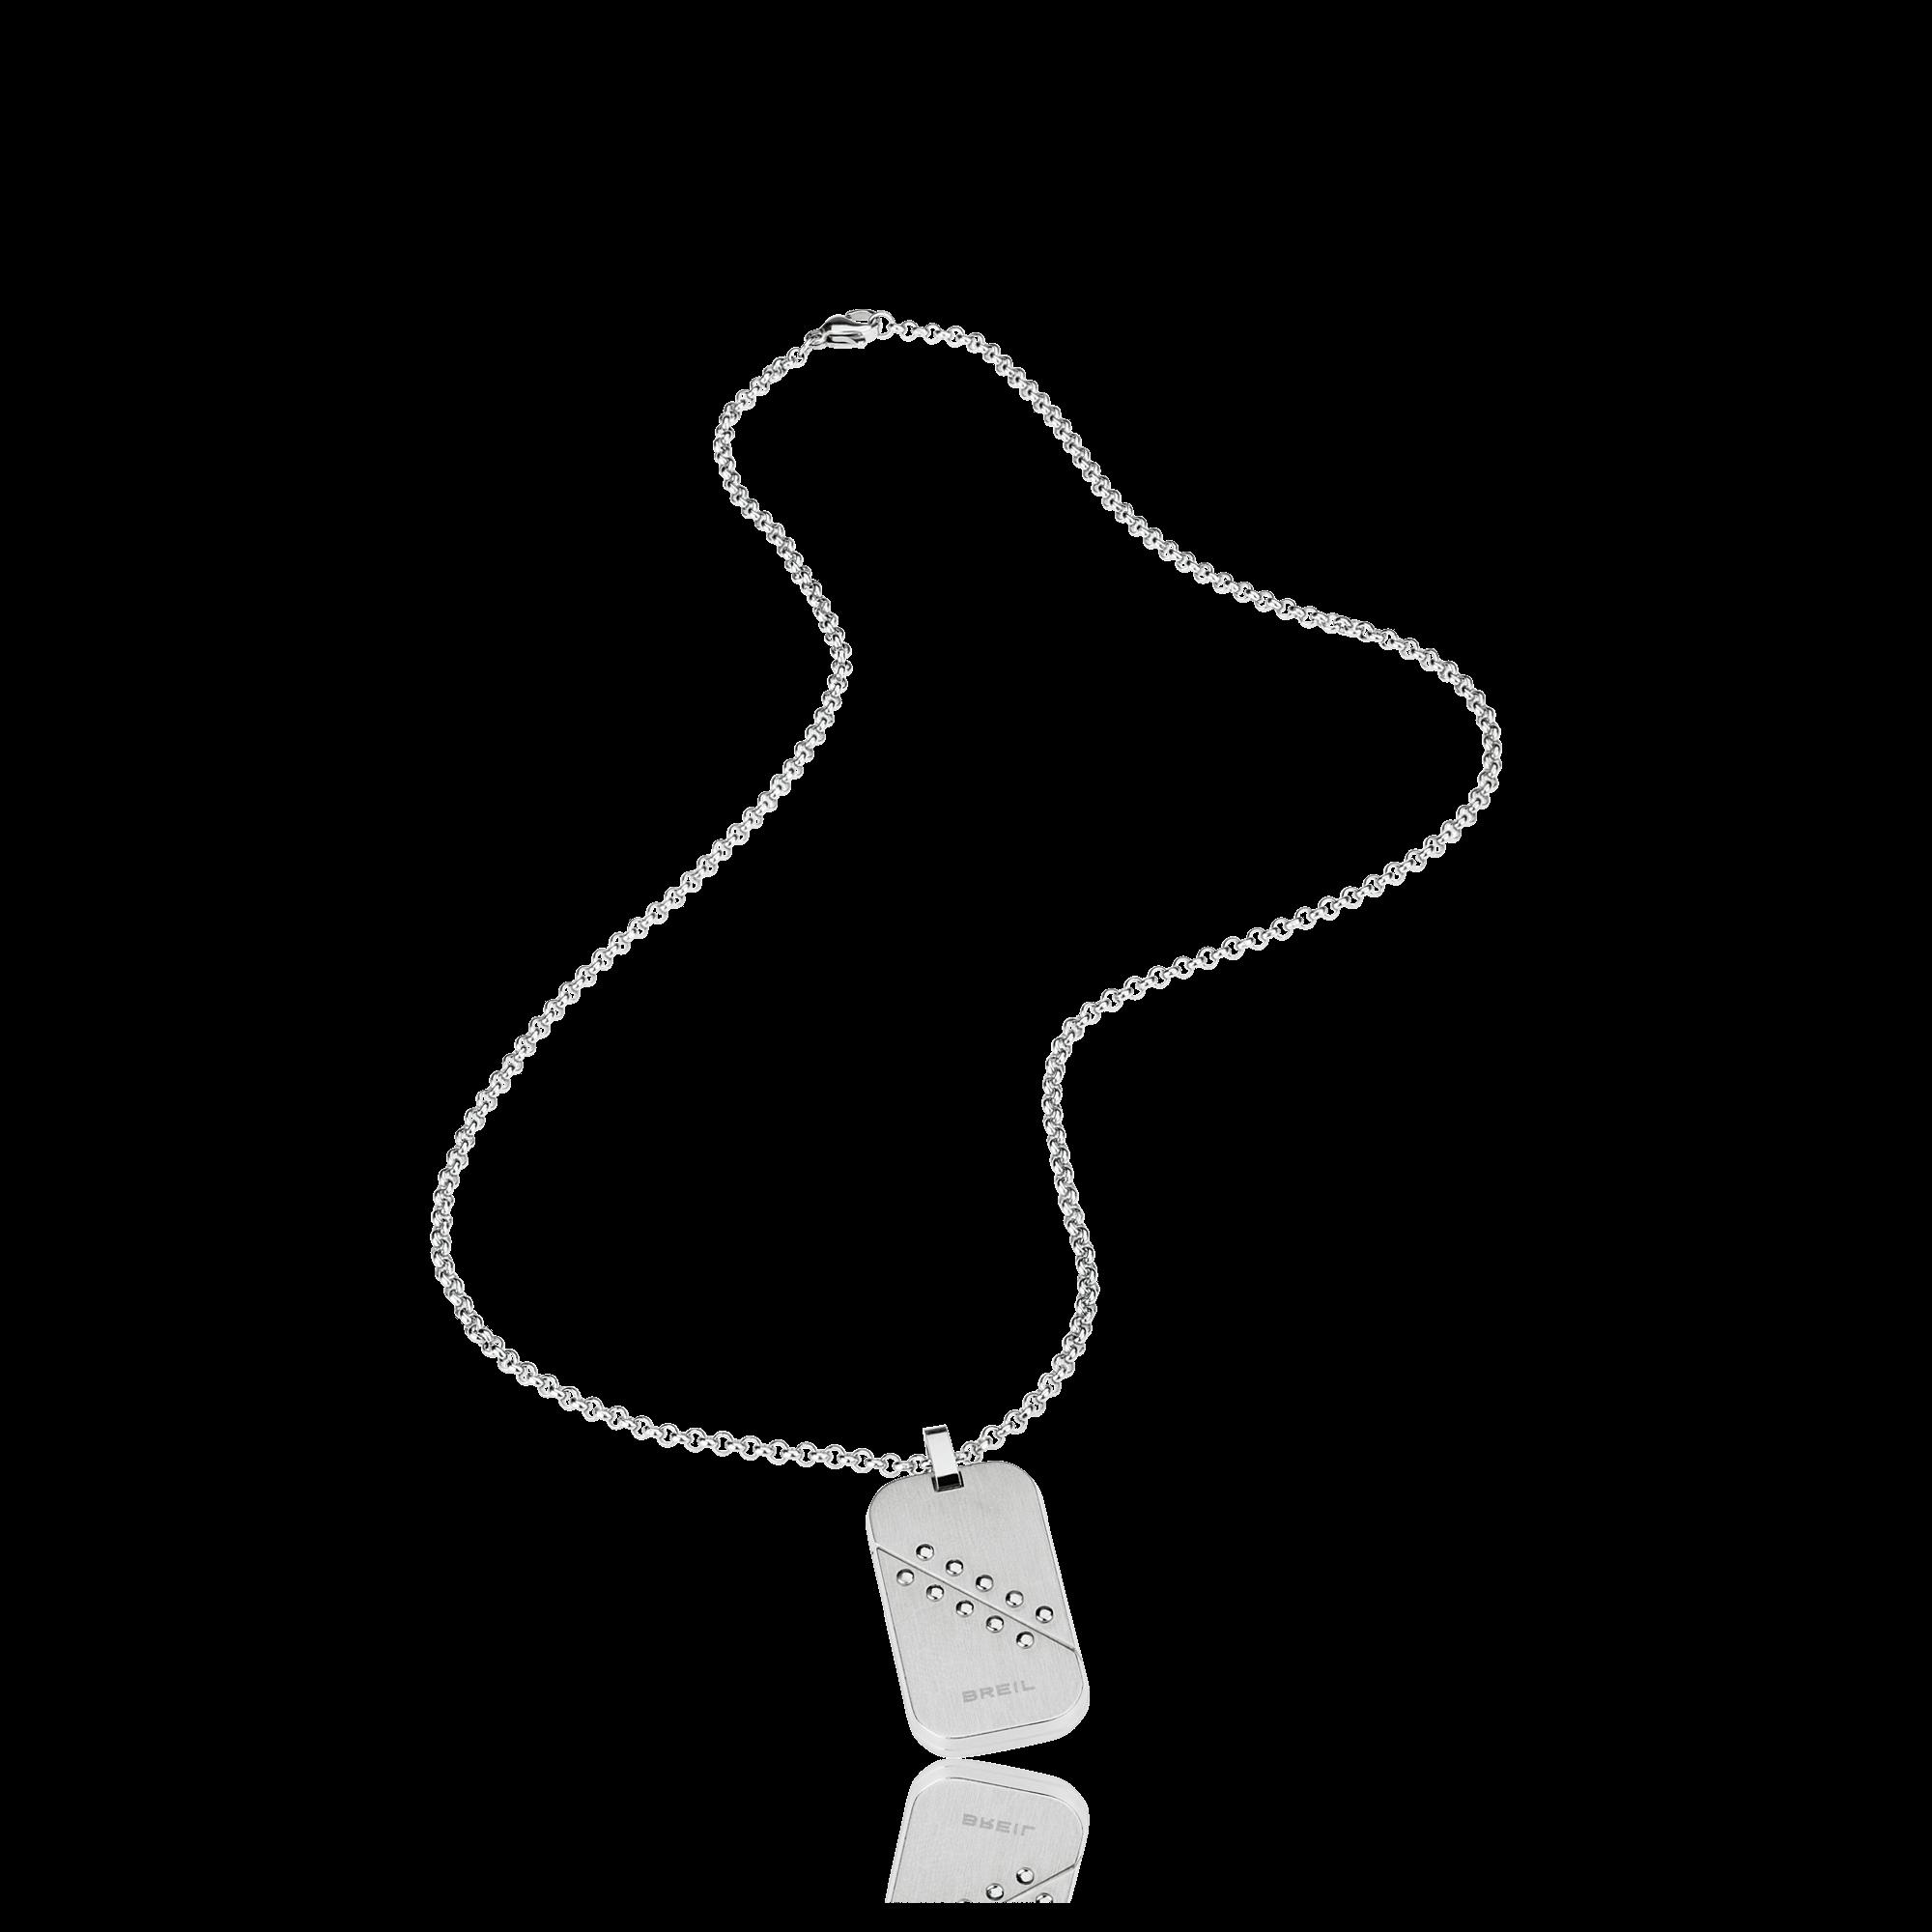 sfoglia le ultime collezioni completo nelle specifiche vendita online Collana Breil uomo con piastrina in acciaio bilux TJ1823